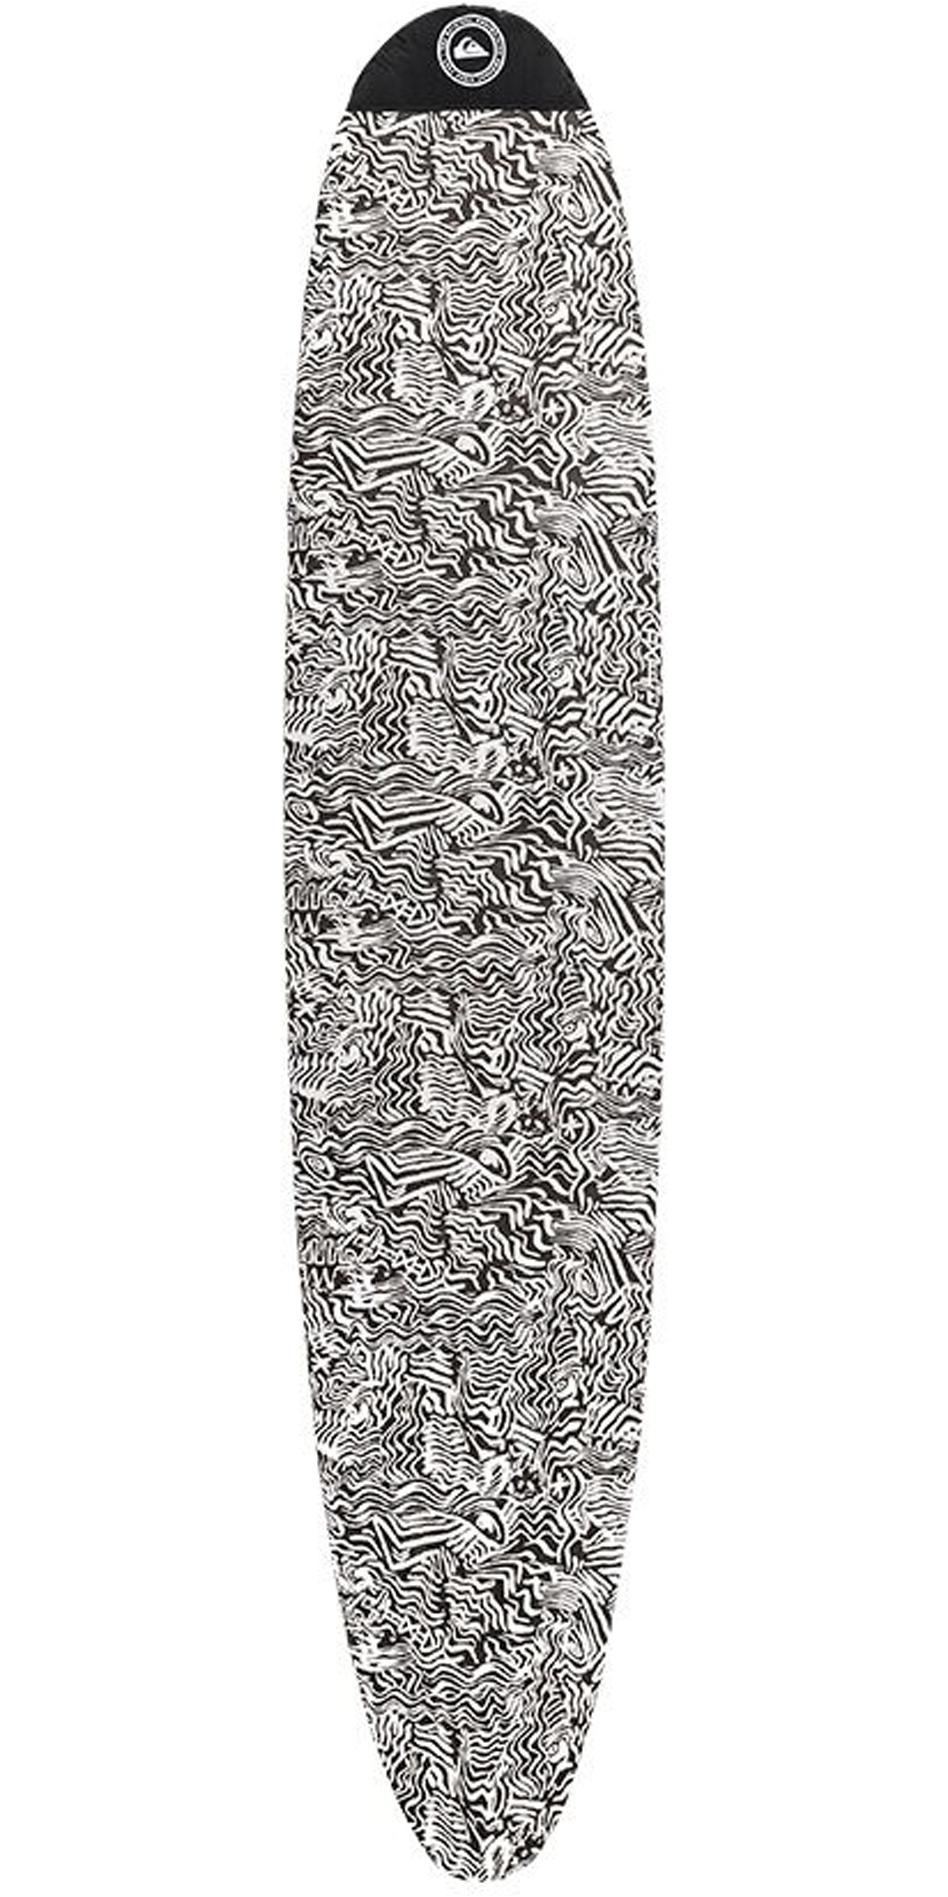 2019 Quiksilver Euroglass Longboard Surfboard Sock 9'0